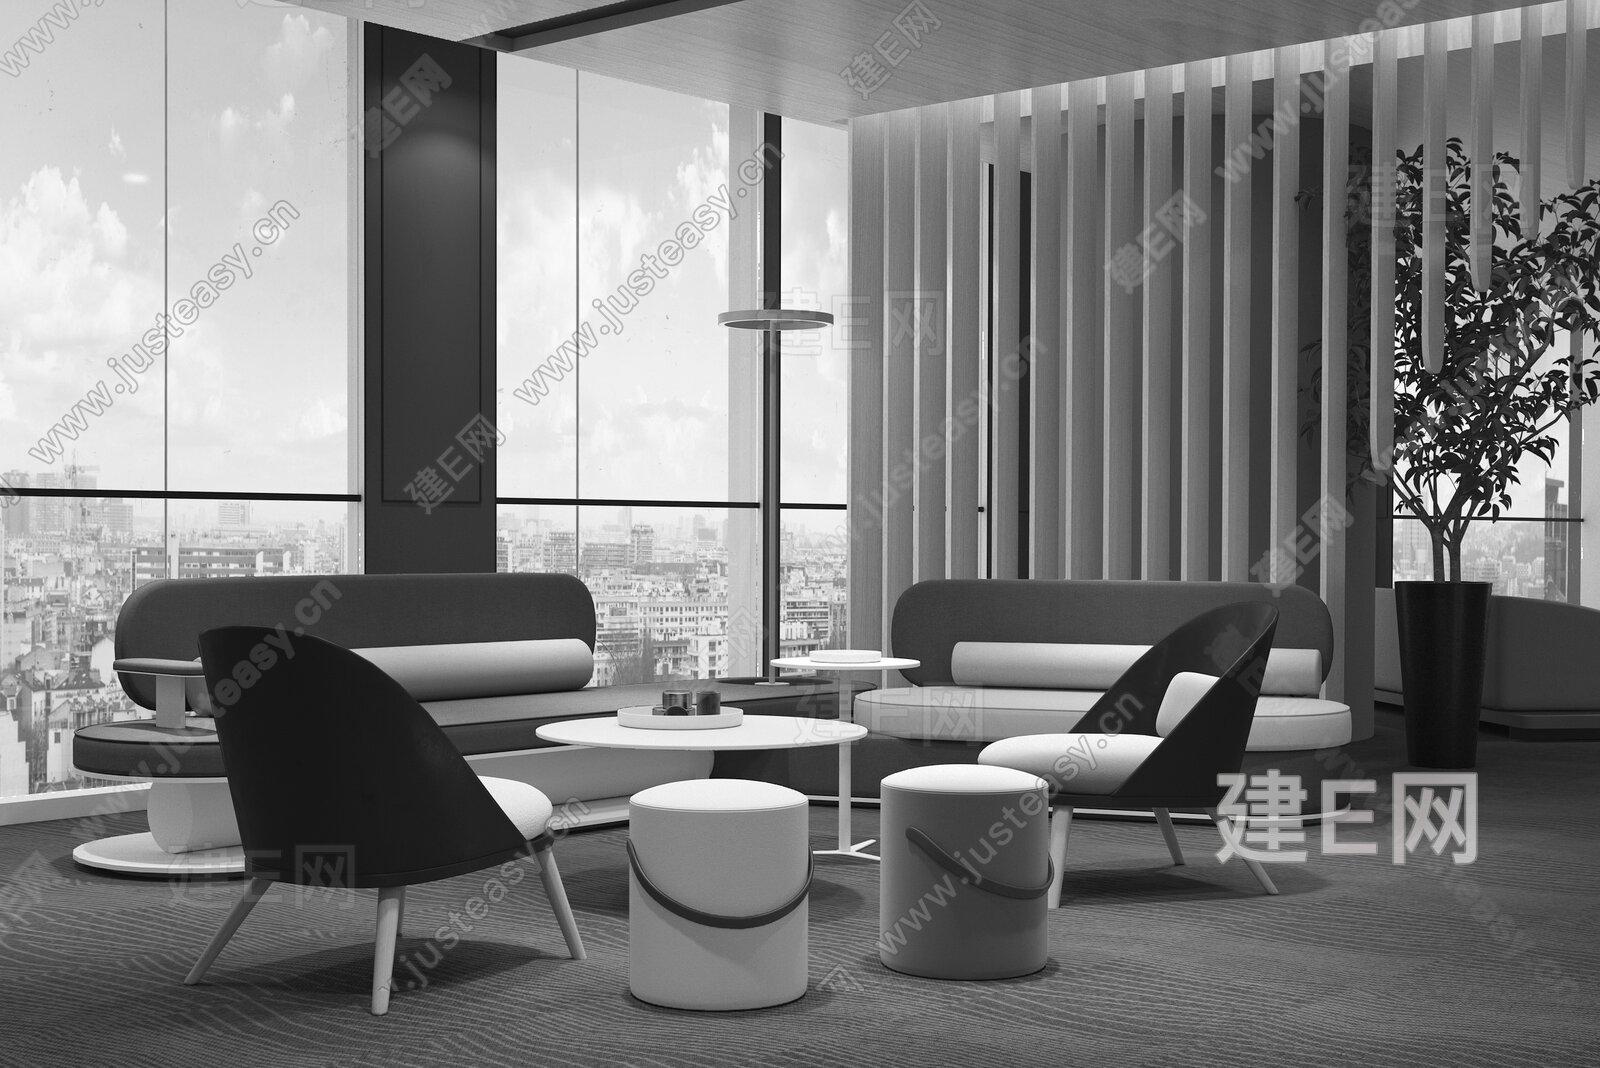 置美优合 广州花都国际金融中心 现代会客区3d模型